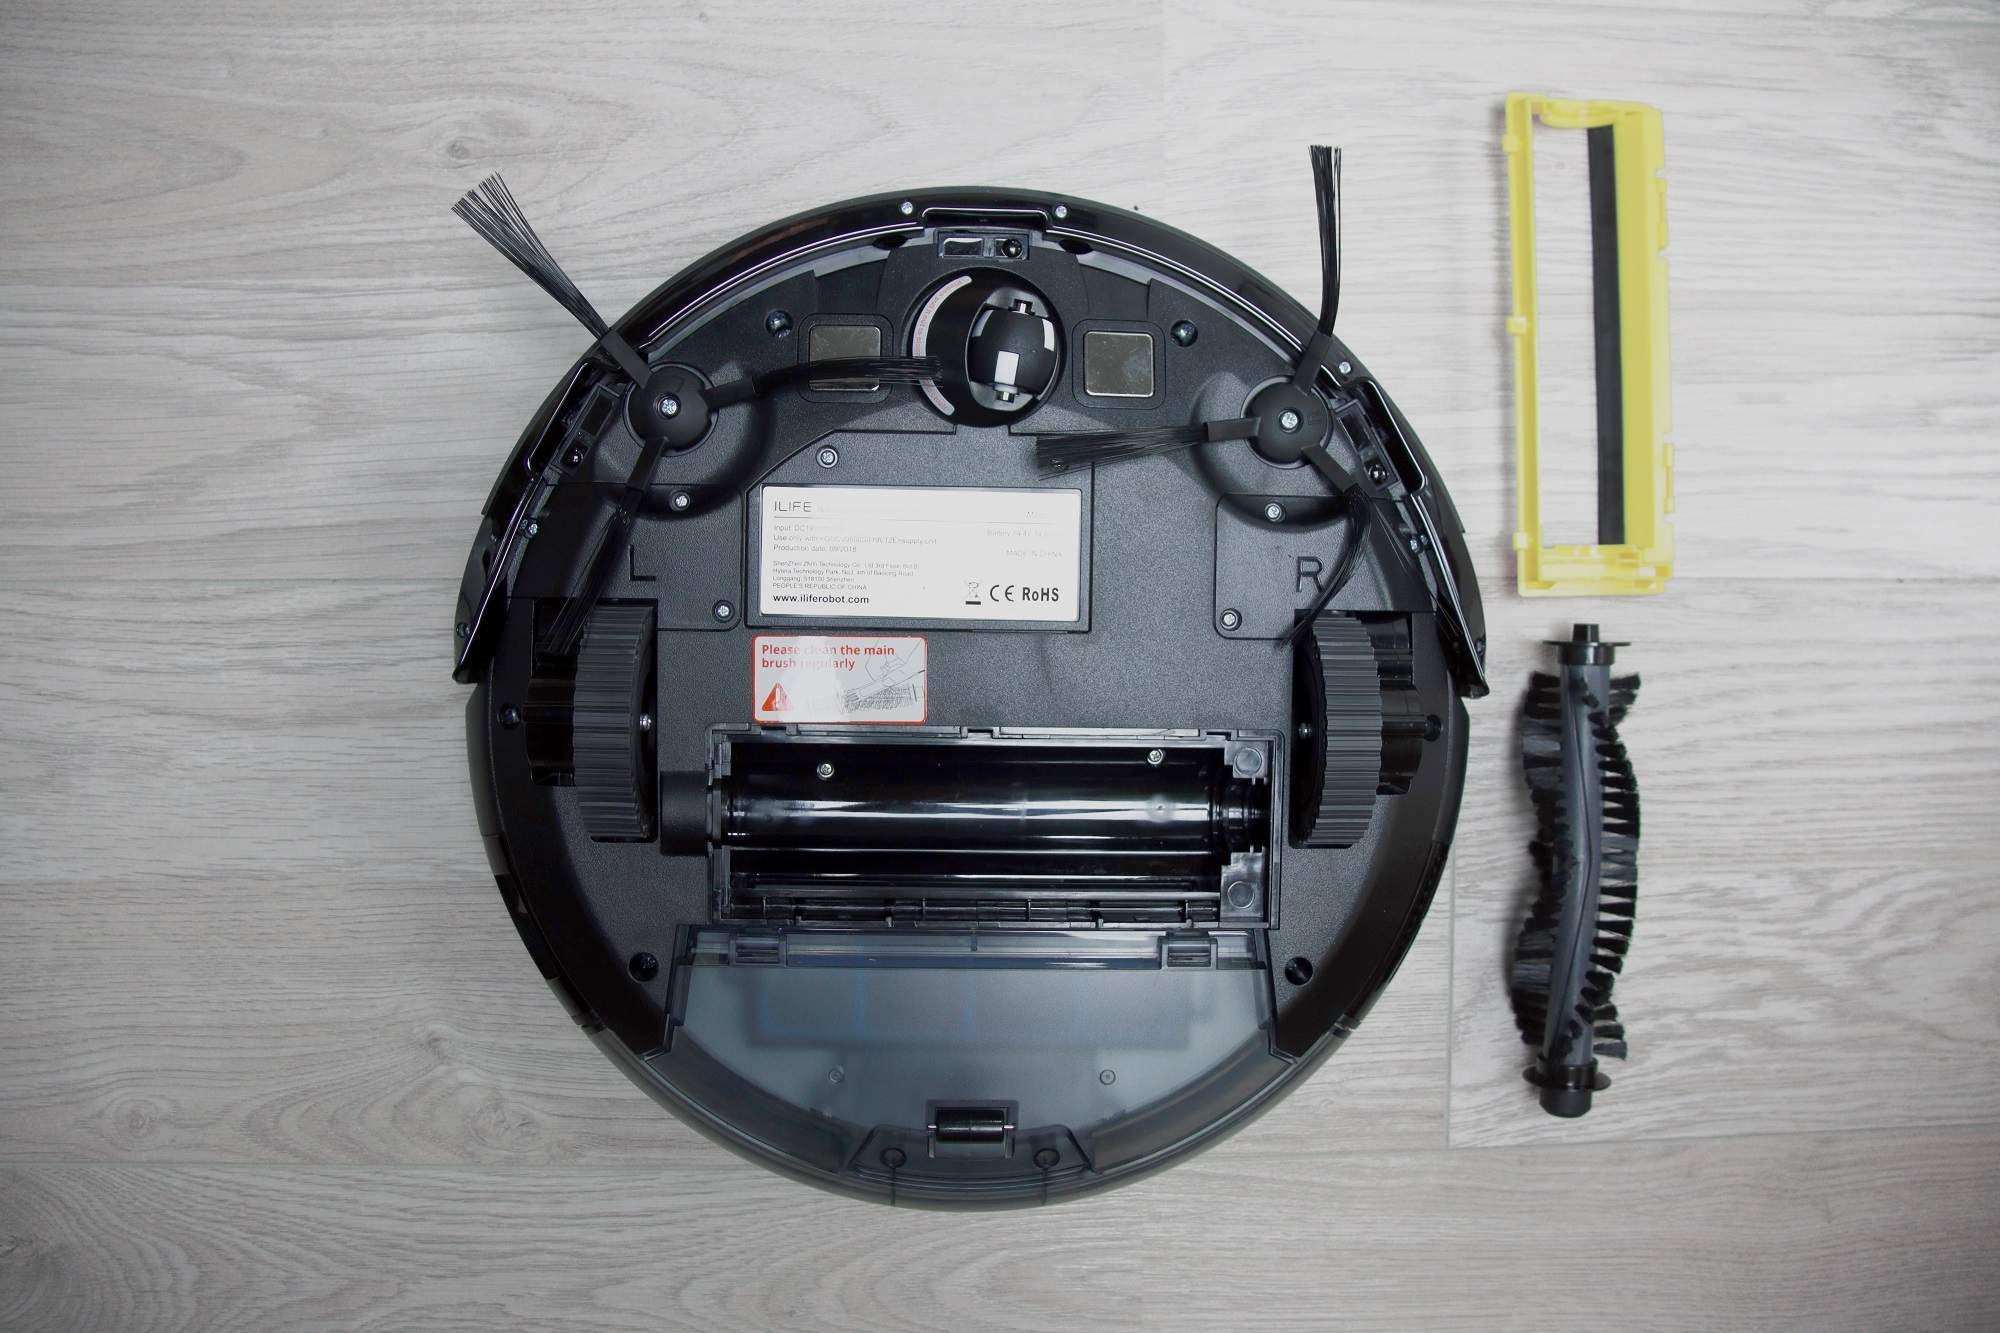 Konstrukcja robota ILIFE A8 została oparta na prostych i sprawdzonych rozwiązaniach.